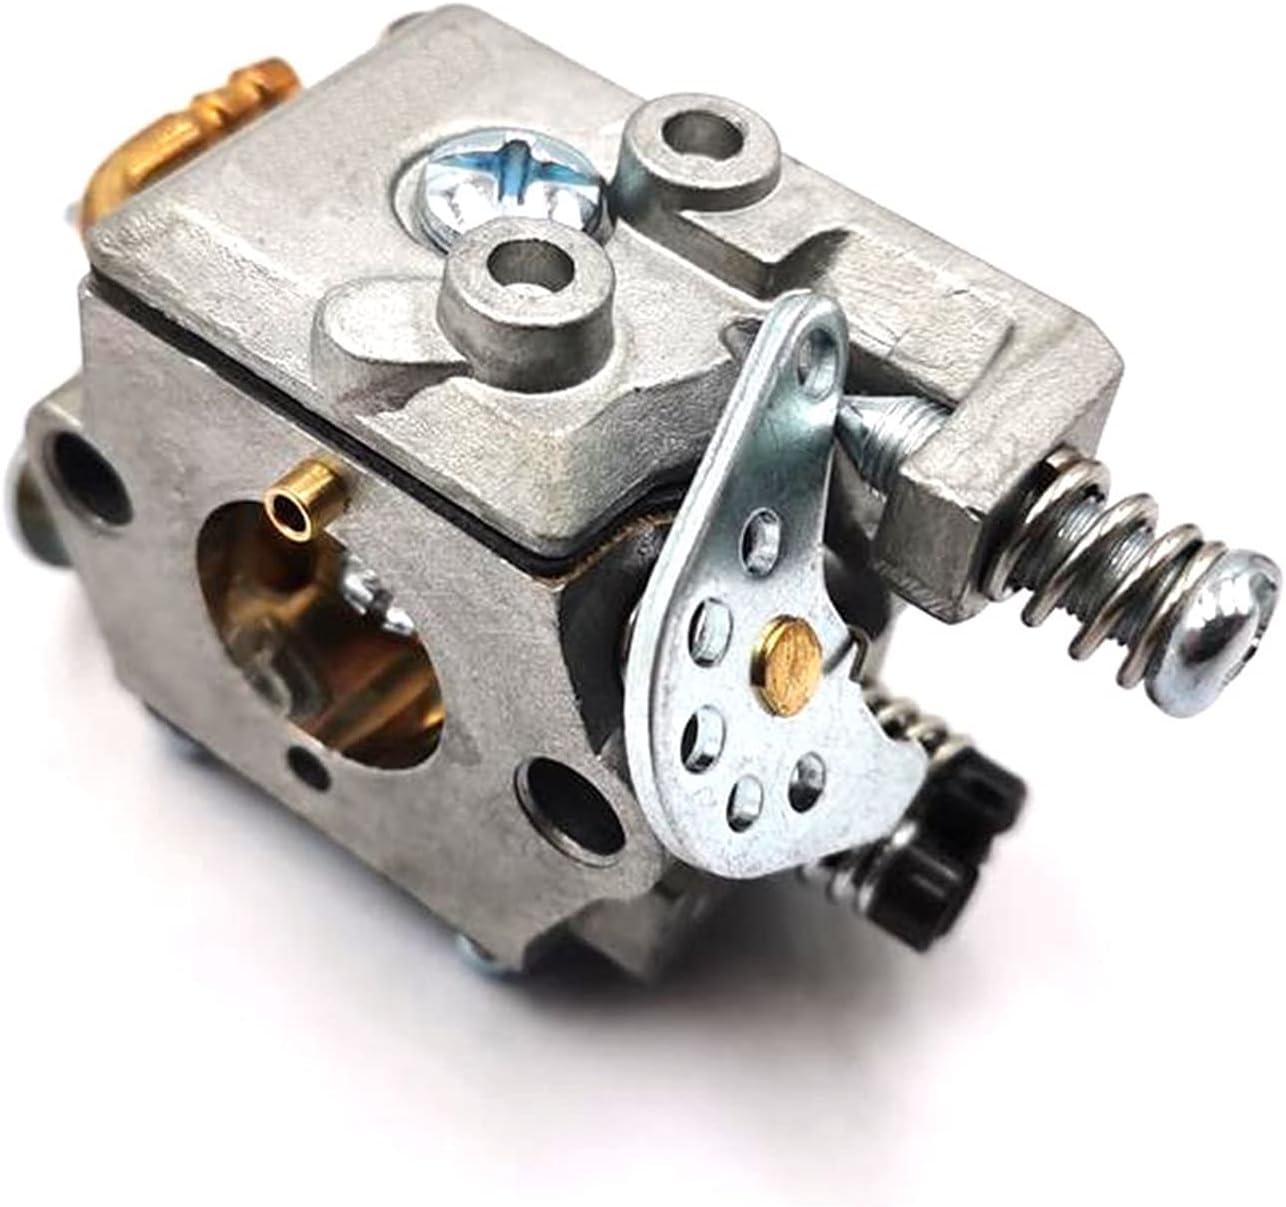 QIANXUNBAIHUO Carburador para Oleo Mac 937 941 942 Motosierra para W&albro WT-781A Herramientas de jardín Repuestos Carburador Motocicleta